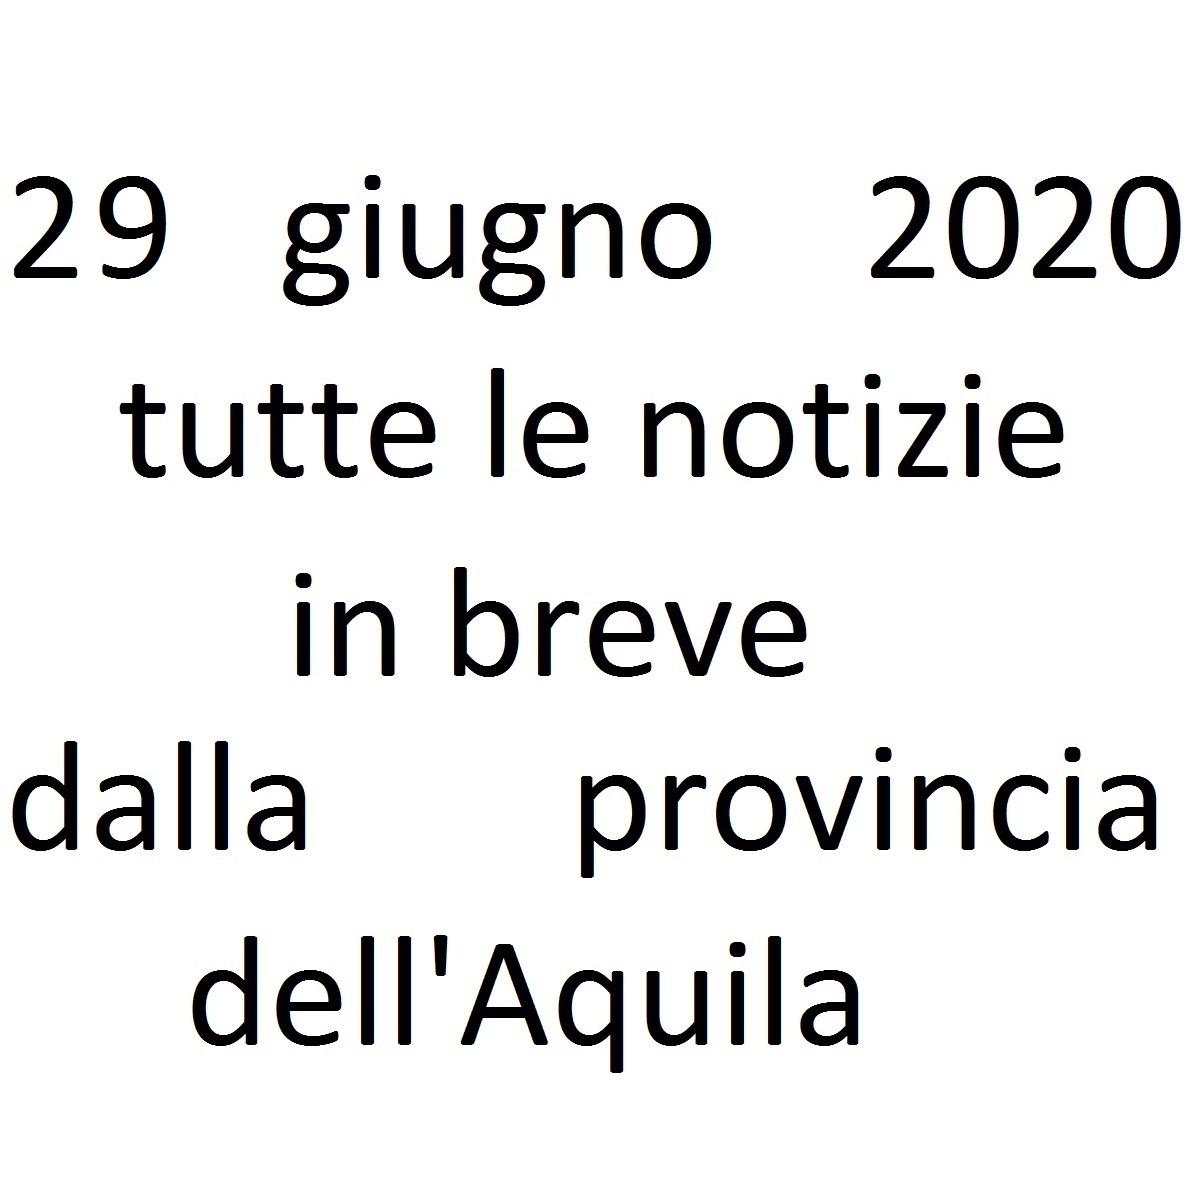 29 giugno 2020 notizie in breve dalla Provincia dell'Aquila foto